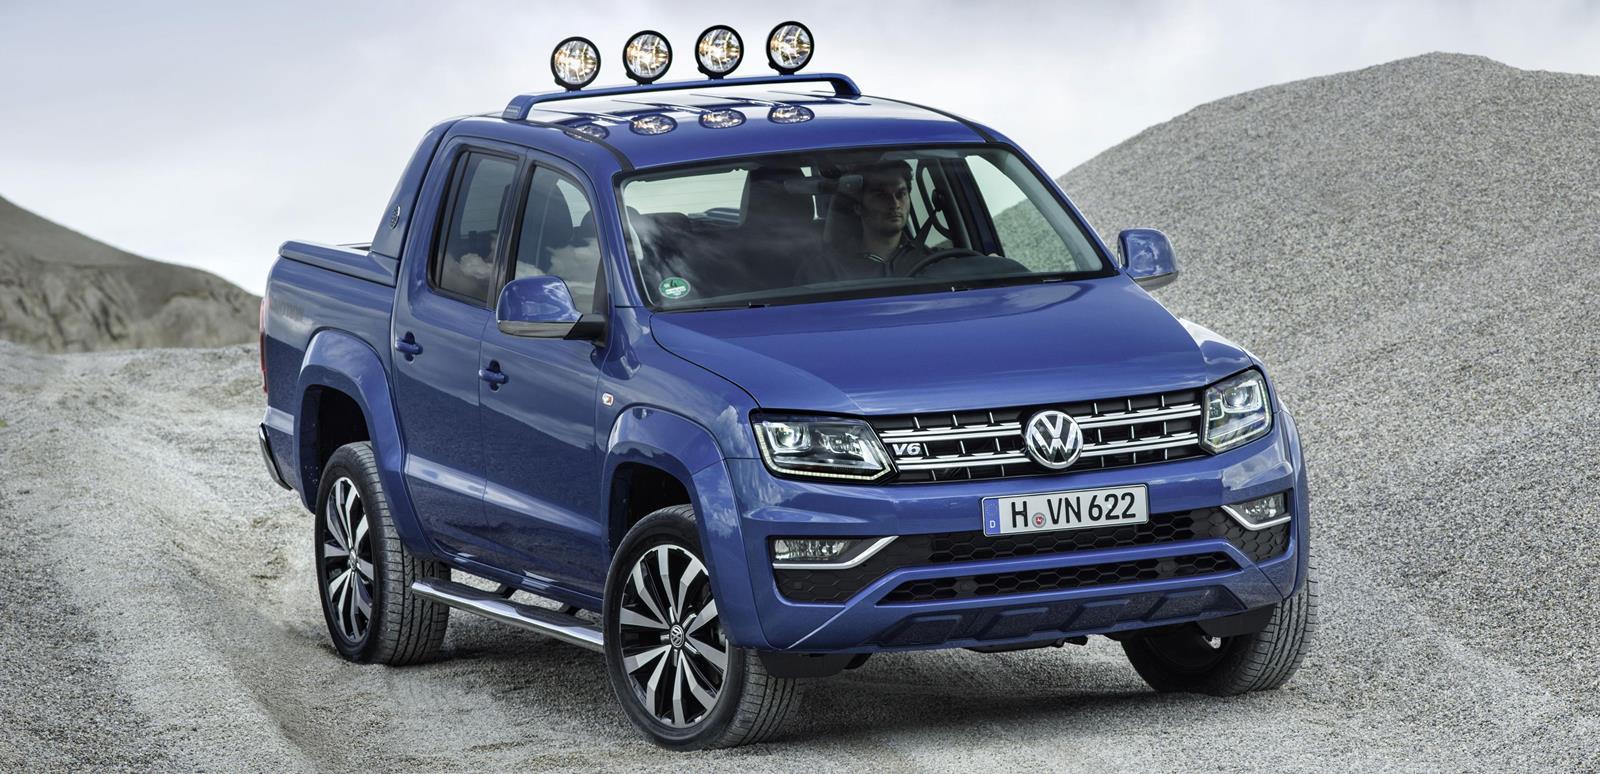 Volkswagen Amarok 2016 — фотогалерея